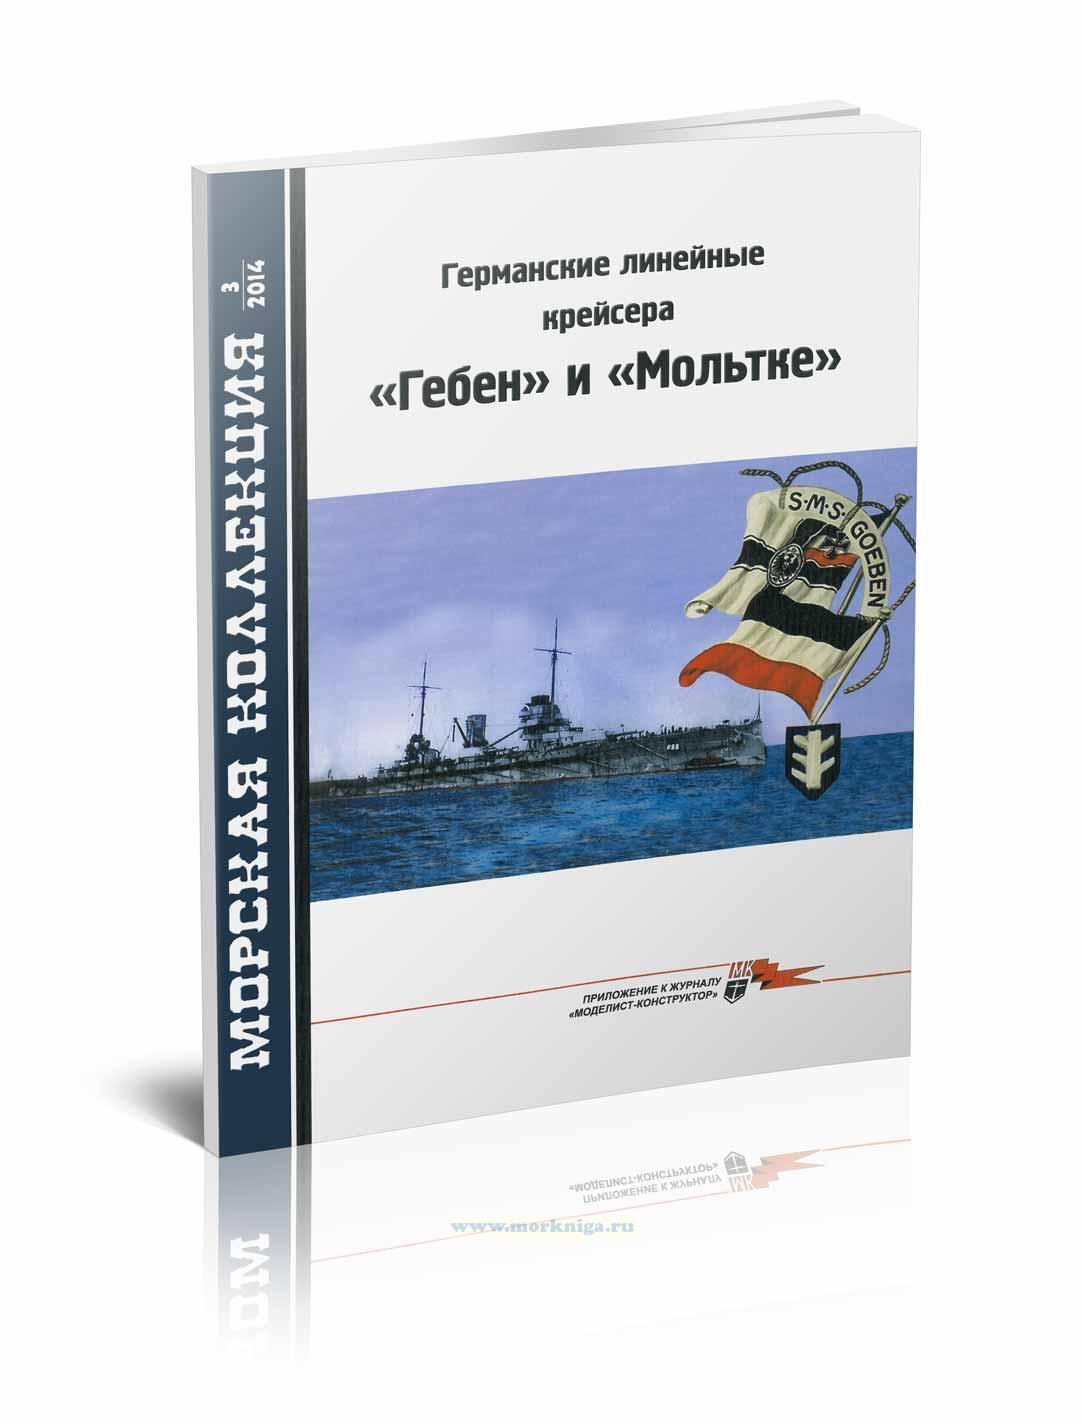 Германские линейные крейсера